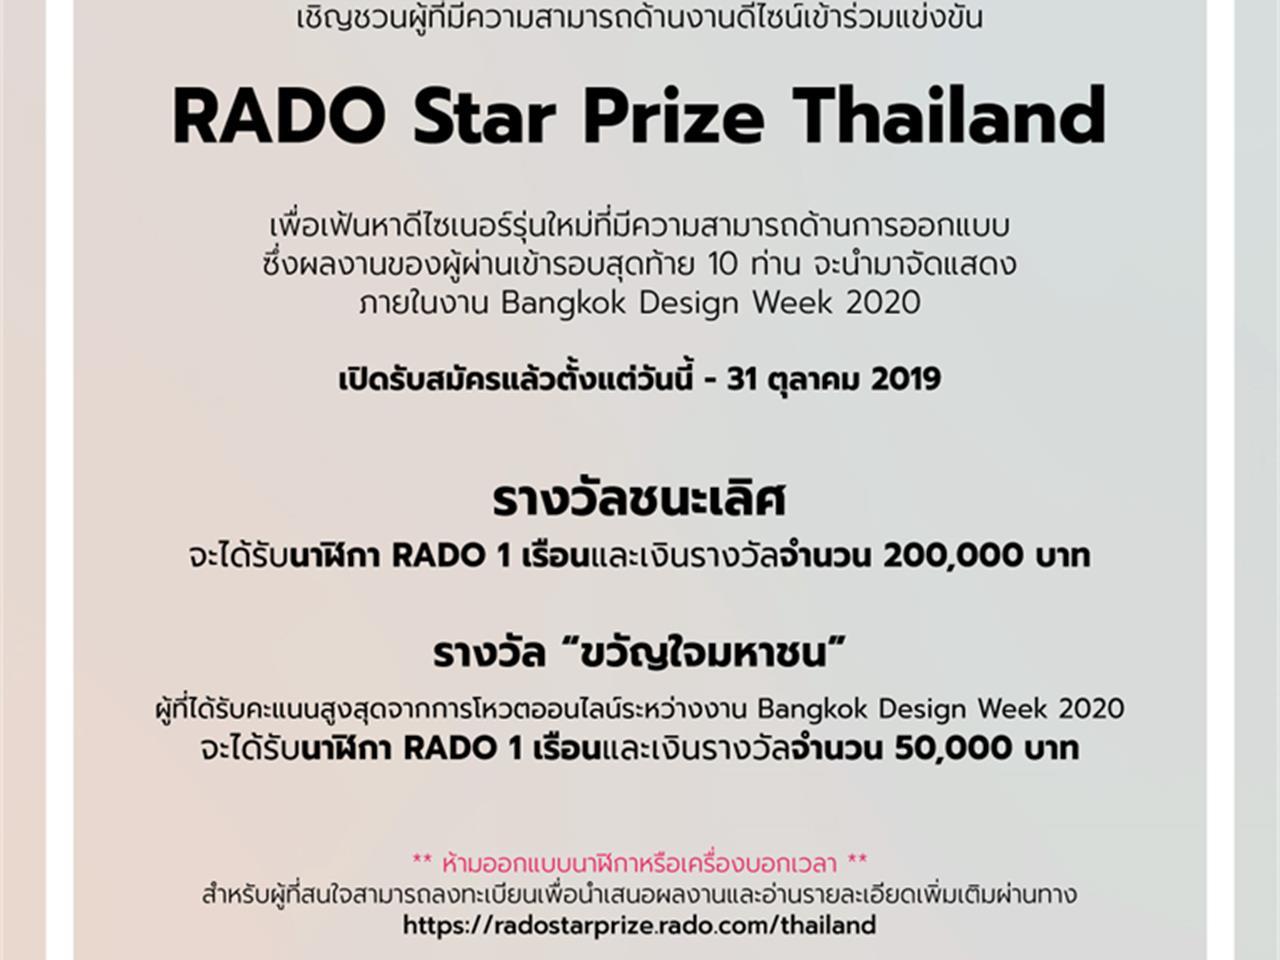 ศูนย์บรรณสารและการเรียนรู้,ขอเชิญชวนผู้ที่สนใจร่วมกิจกรรม,RADO,Star,Prize,Thailand,กับ,TCDC